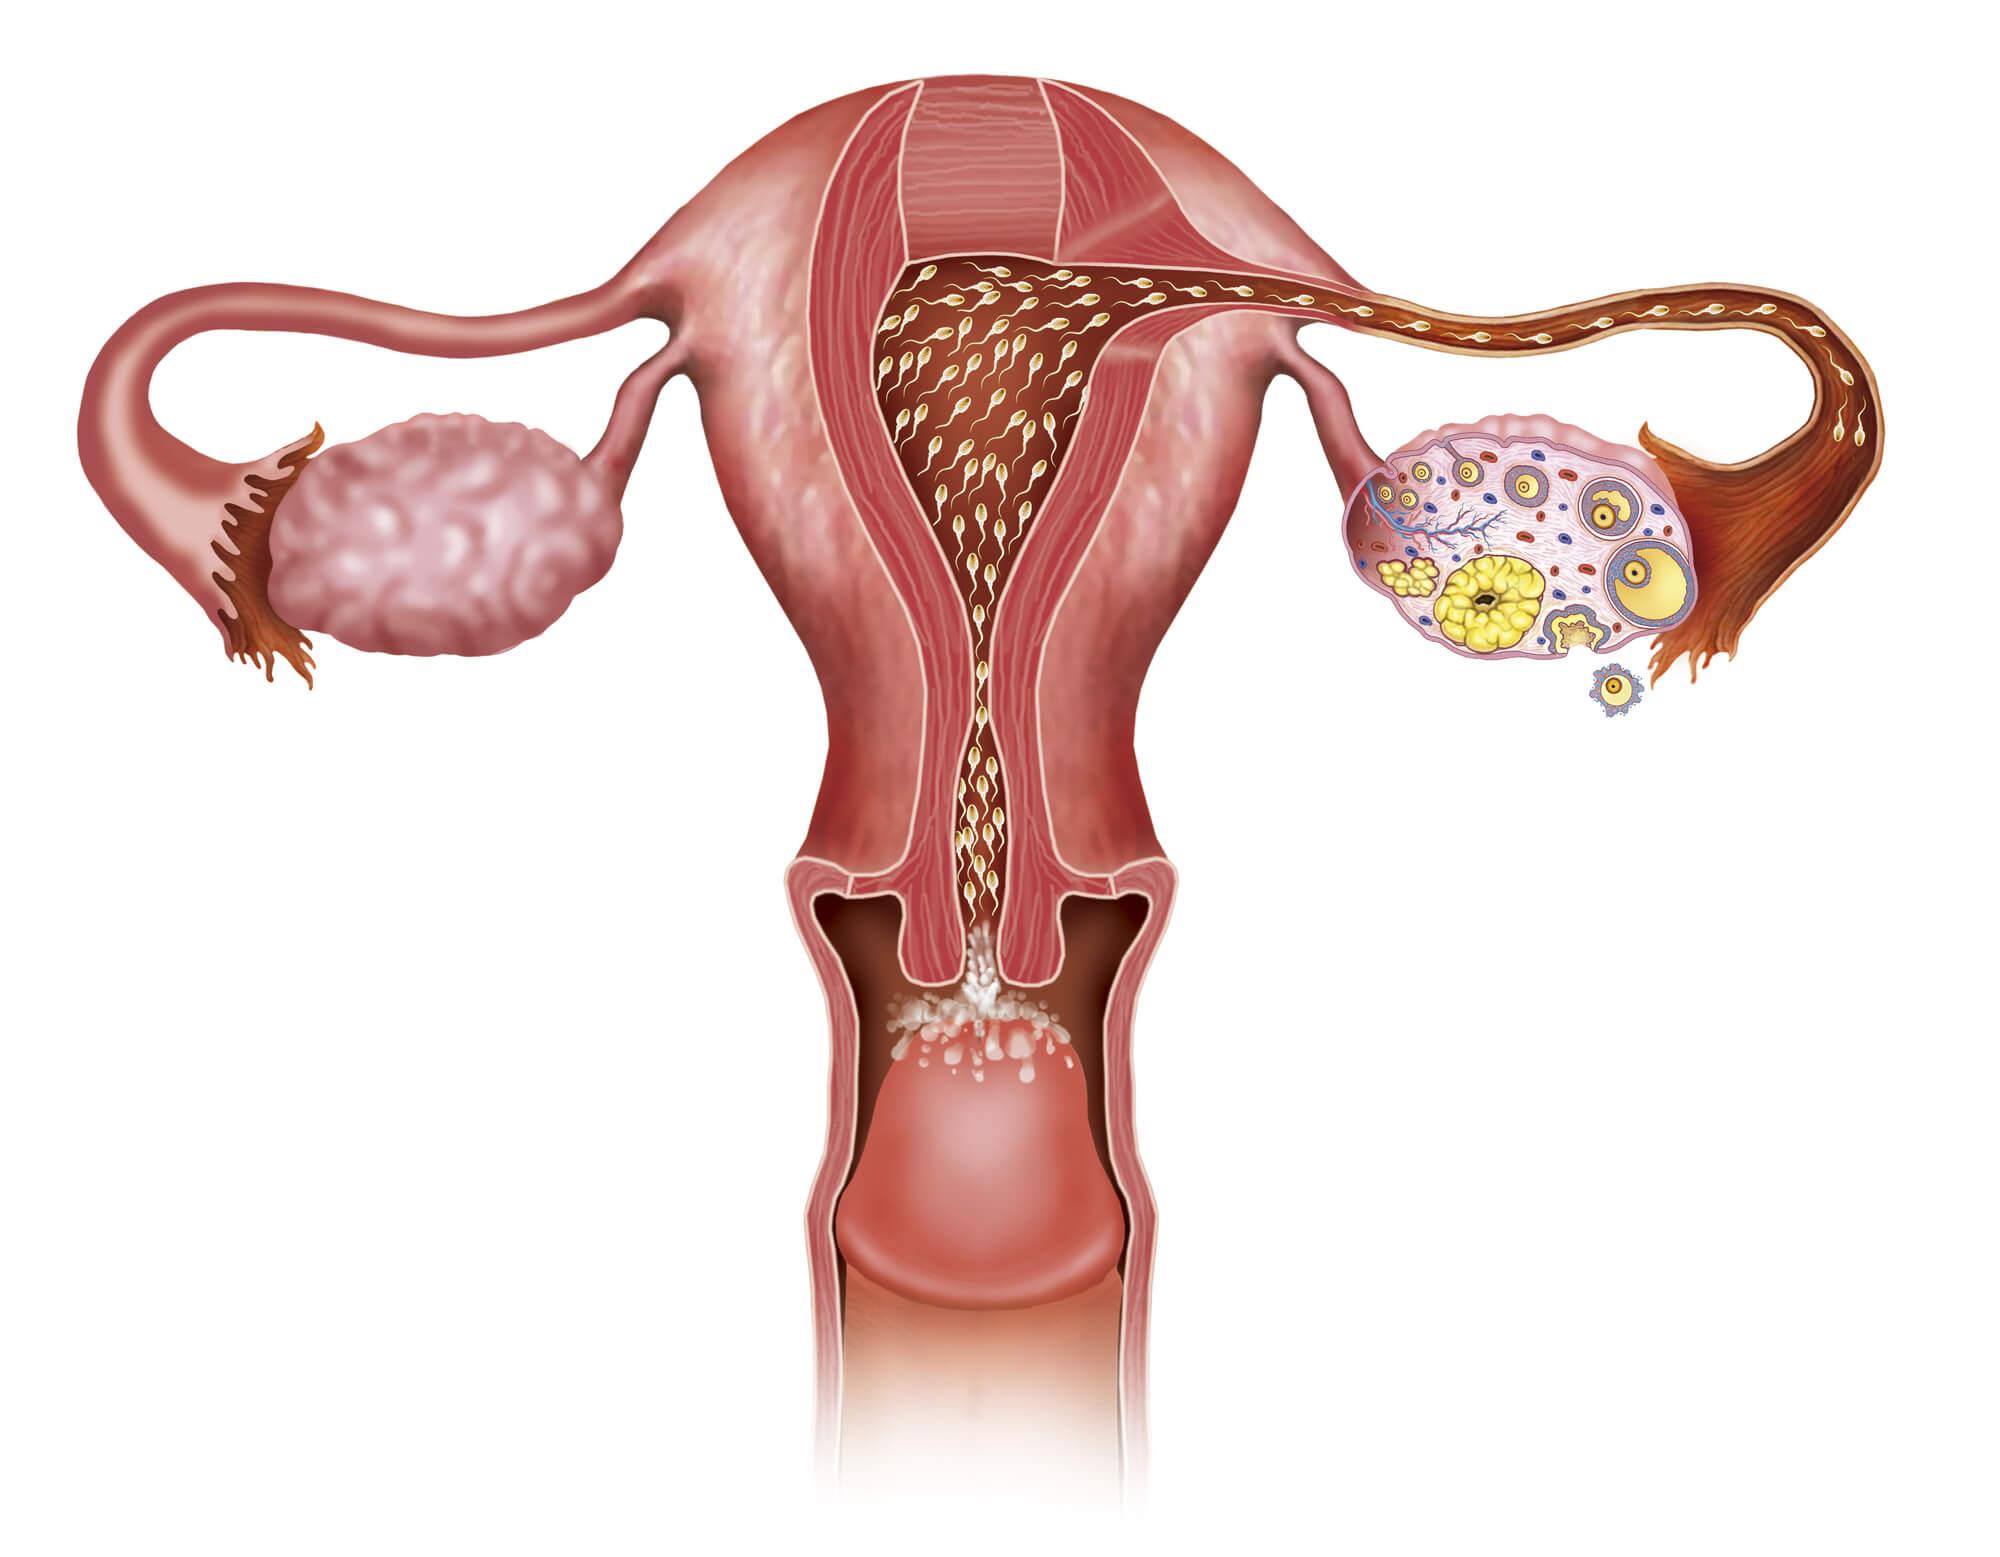 别纠结子宫肌瘤的治疗方法,先看看你的肌瘤需不需要治疗!